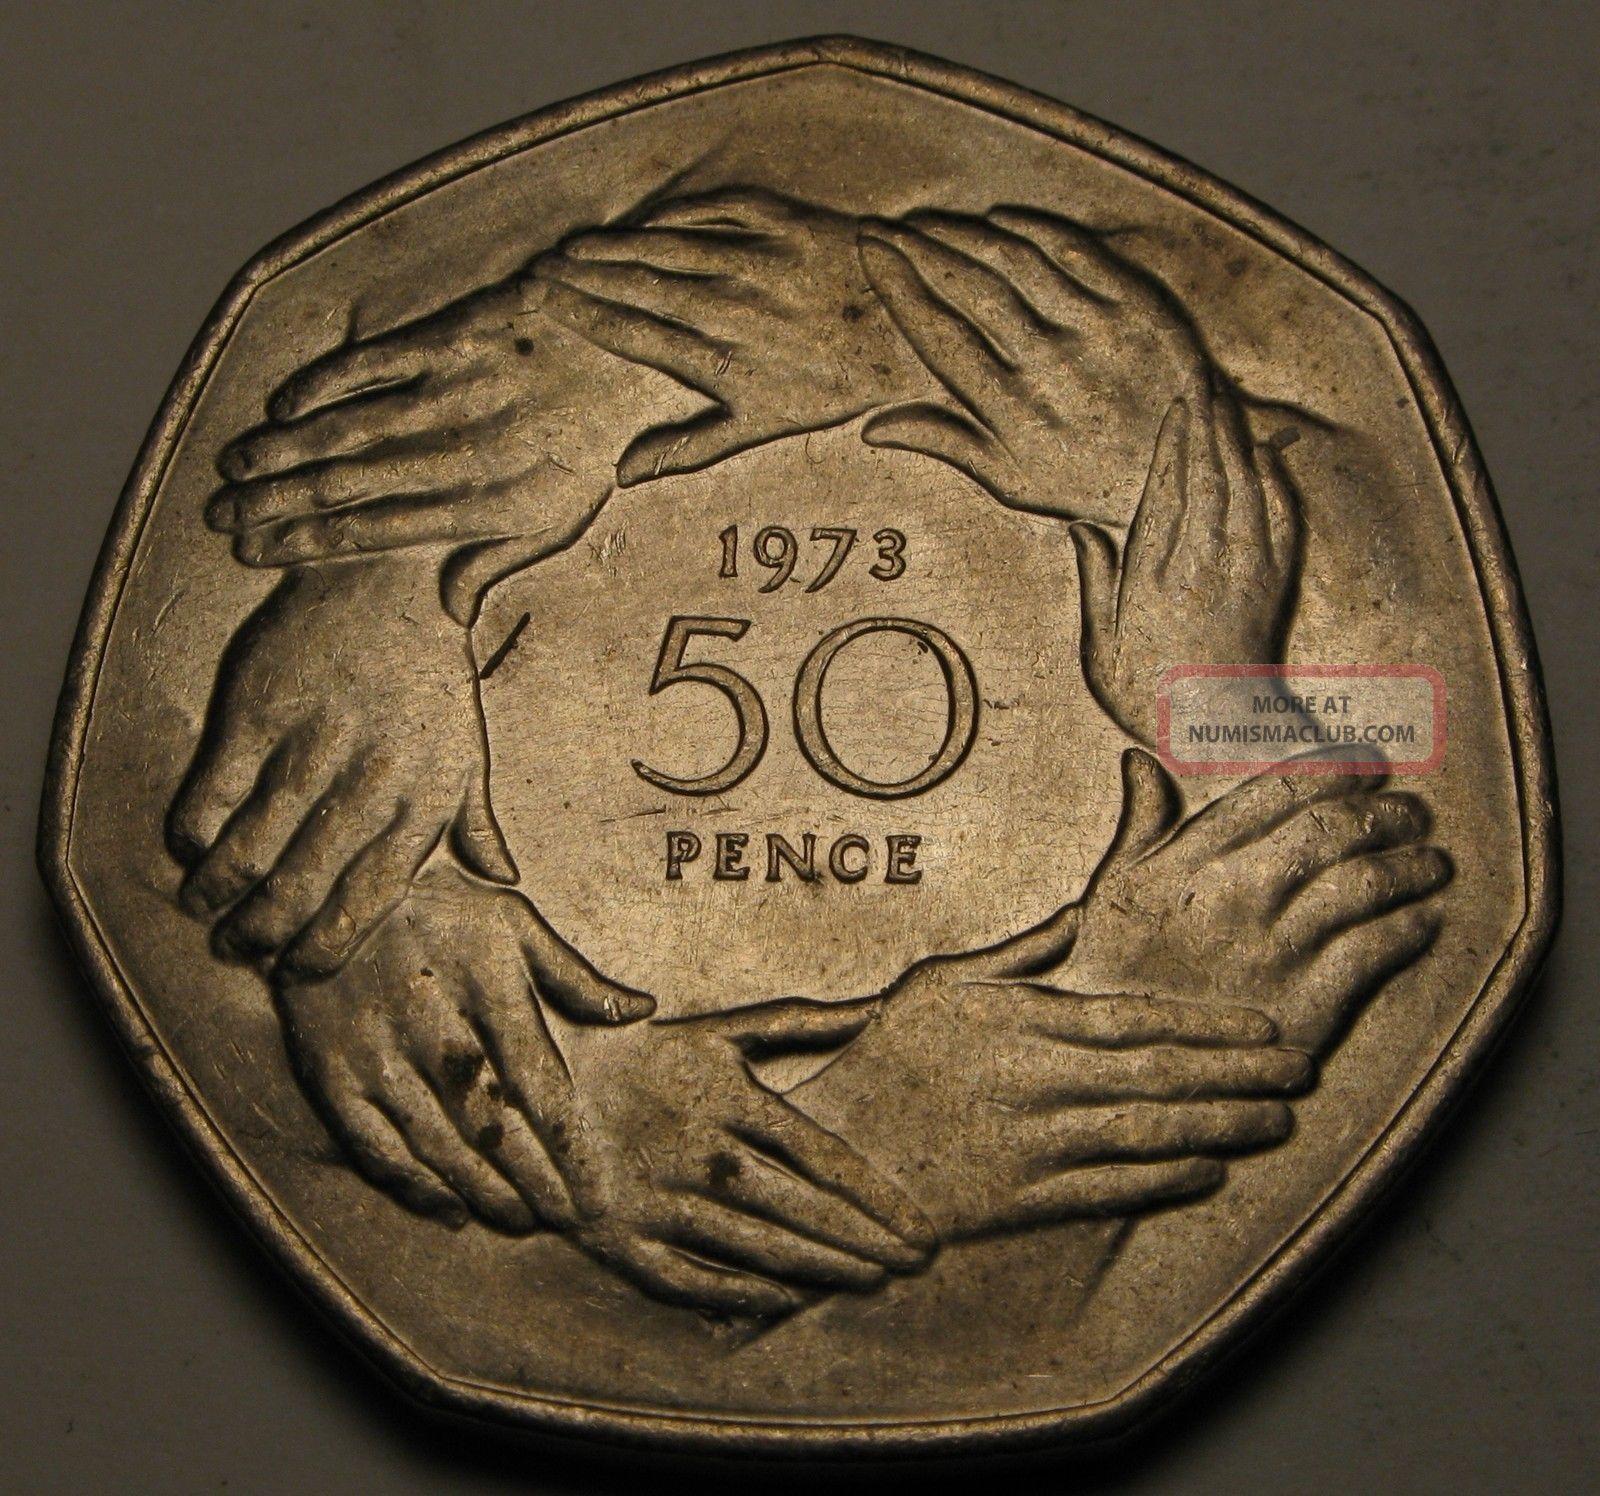 Great Britain 50 Pence 1973 - Copper/nickel - Britain ' S Entry Into E.  E.  C - Vf/xf UK (Great Britain) photo